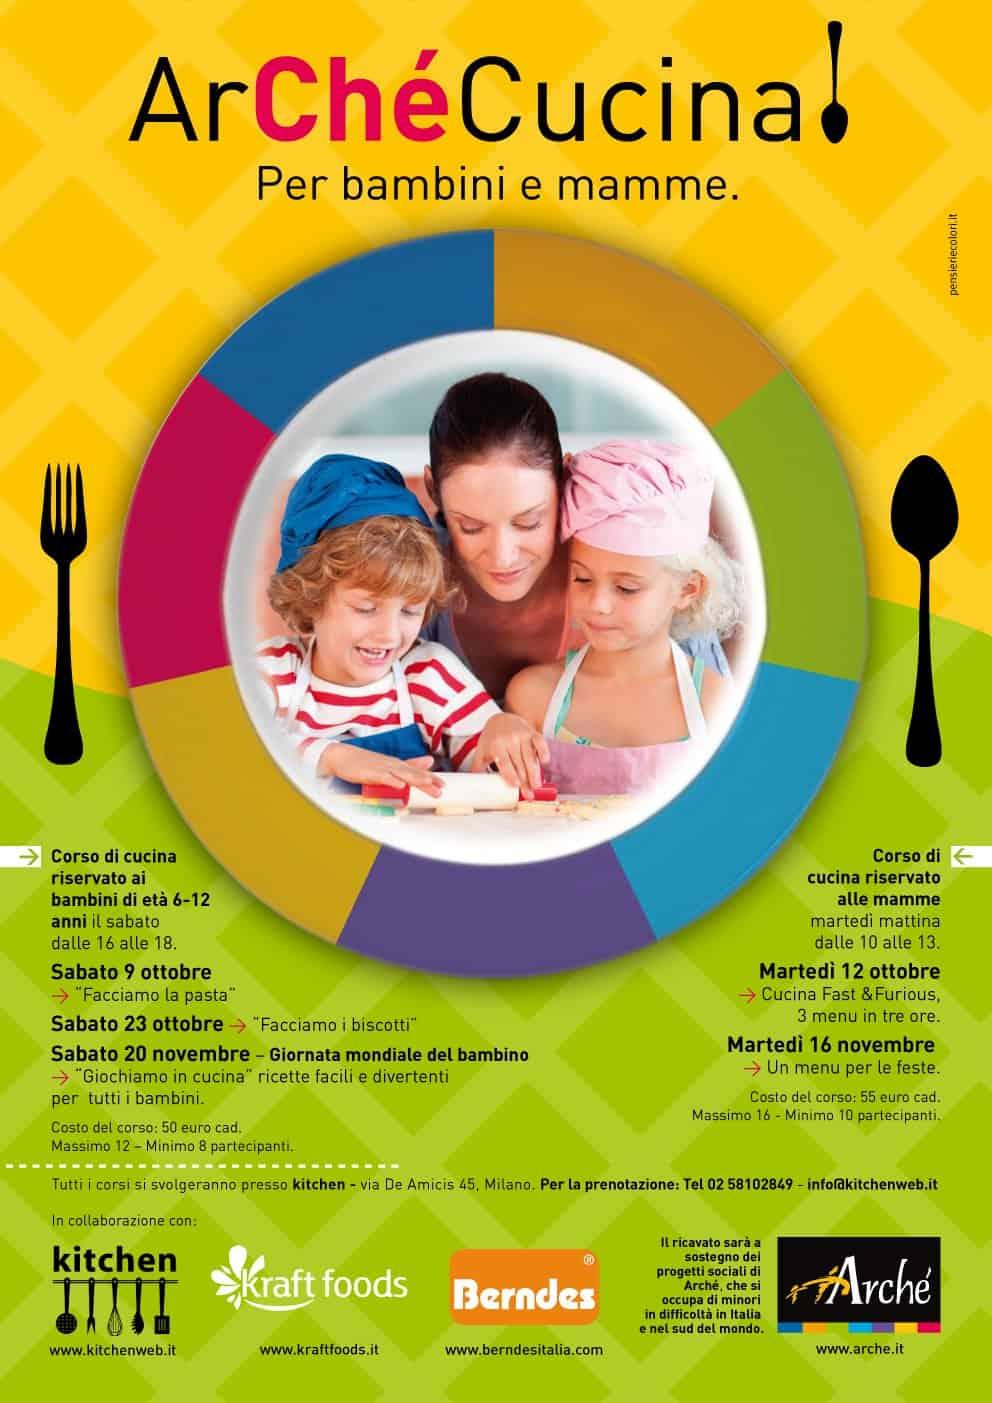 Arch arch cucina per bambini e mamme for Corsi di cucina per bambini